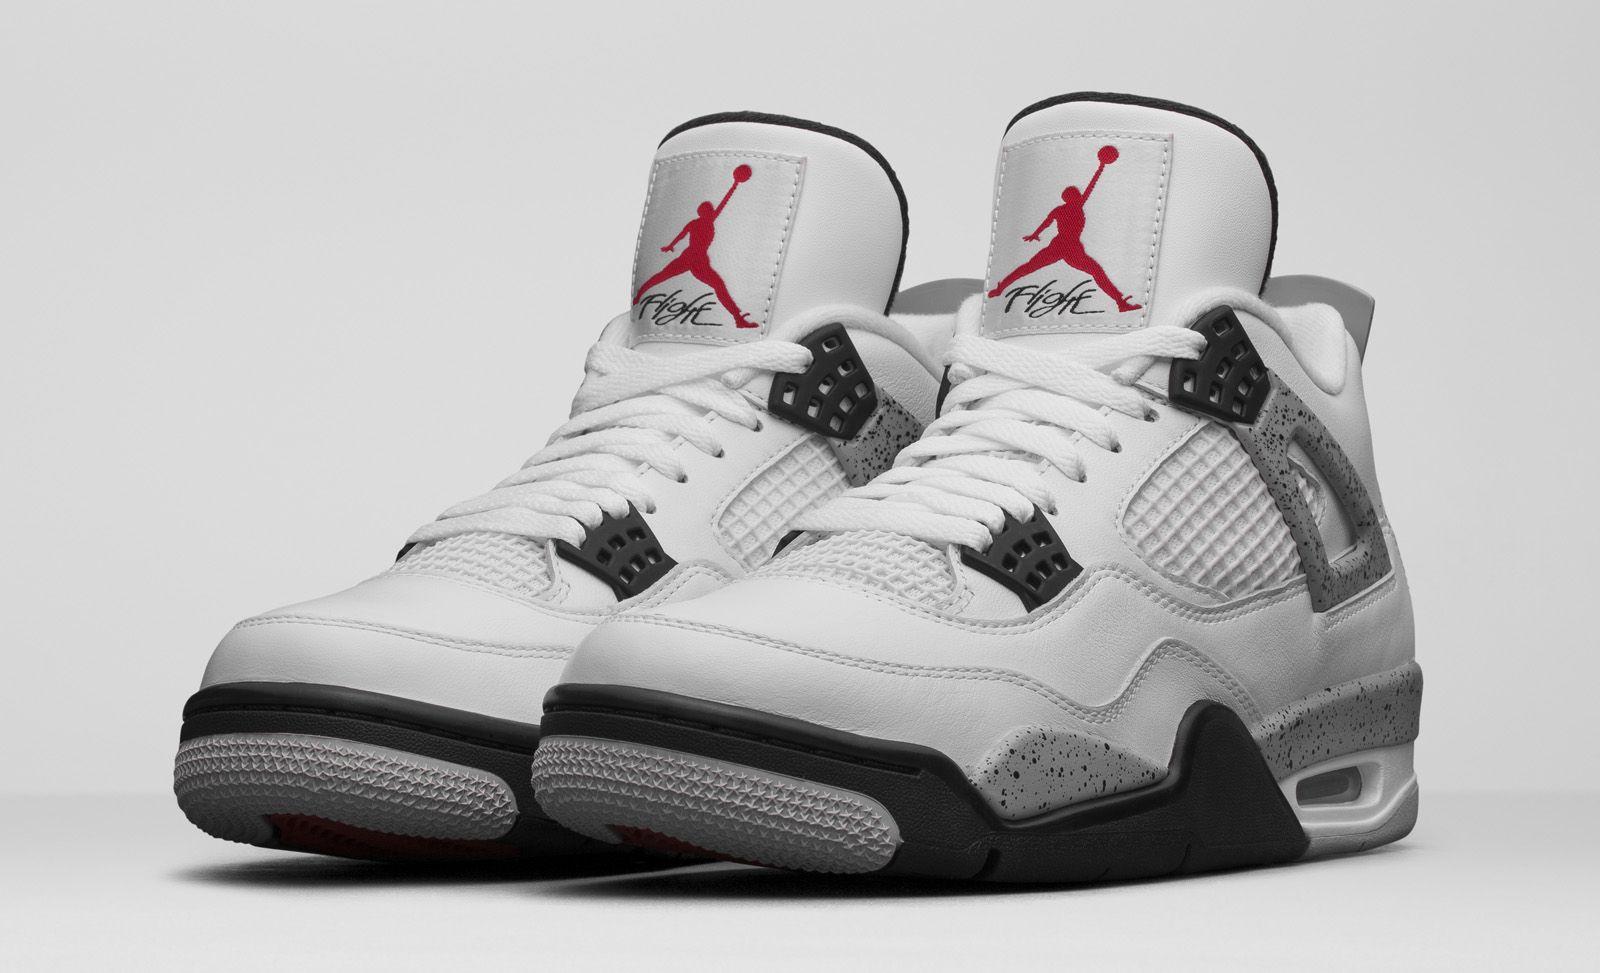 Nike Air Jordan 4 OG 89 White Cement